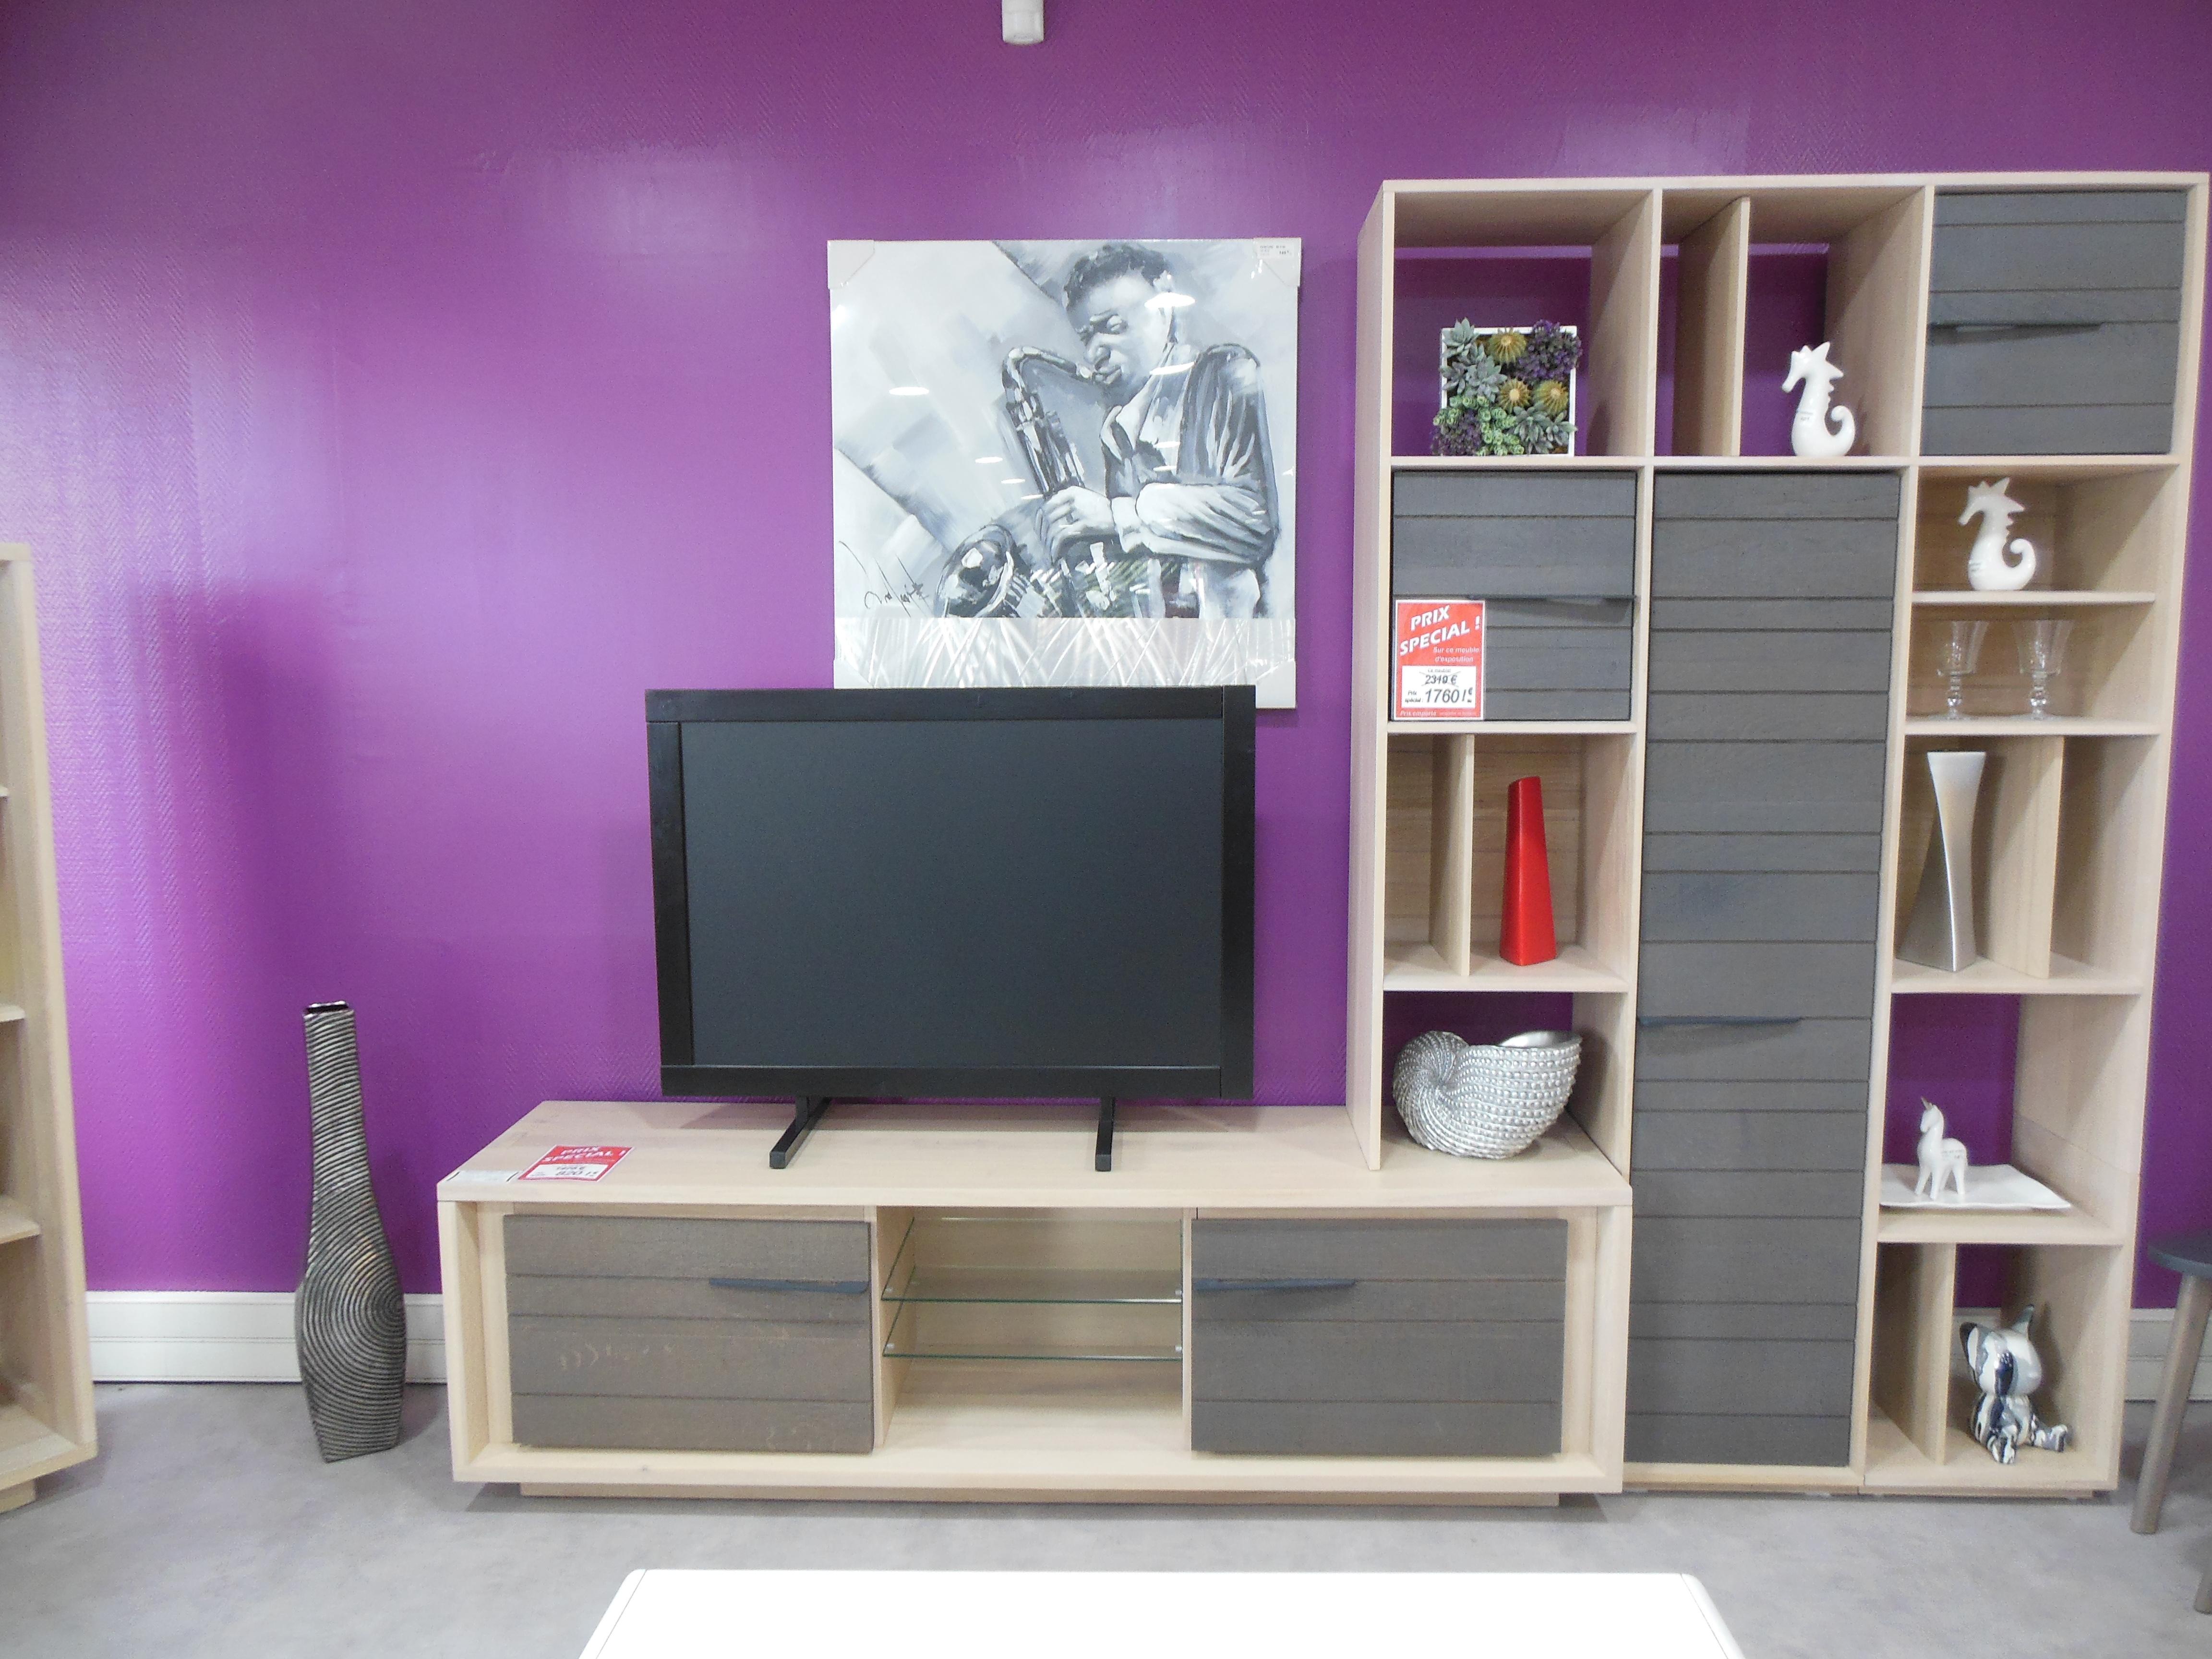 Meuble Tv Avec Bibliothèque agencement tv composé d'un meuble tv et d'une bibliothèque